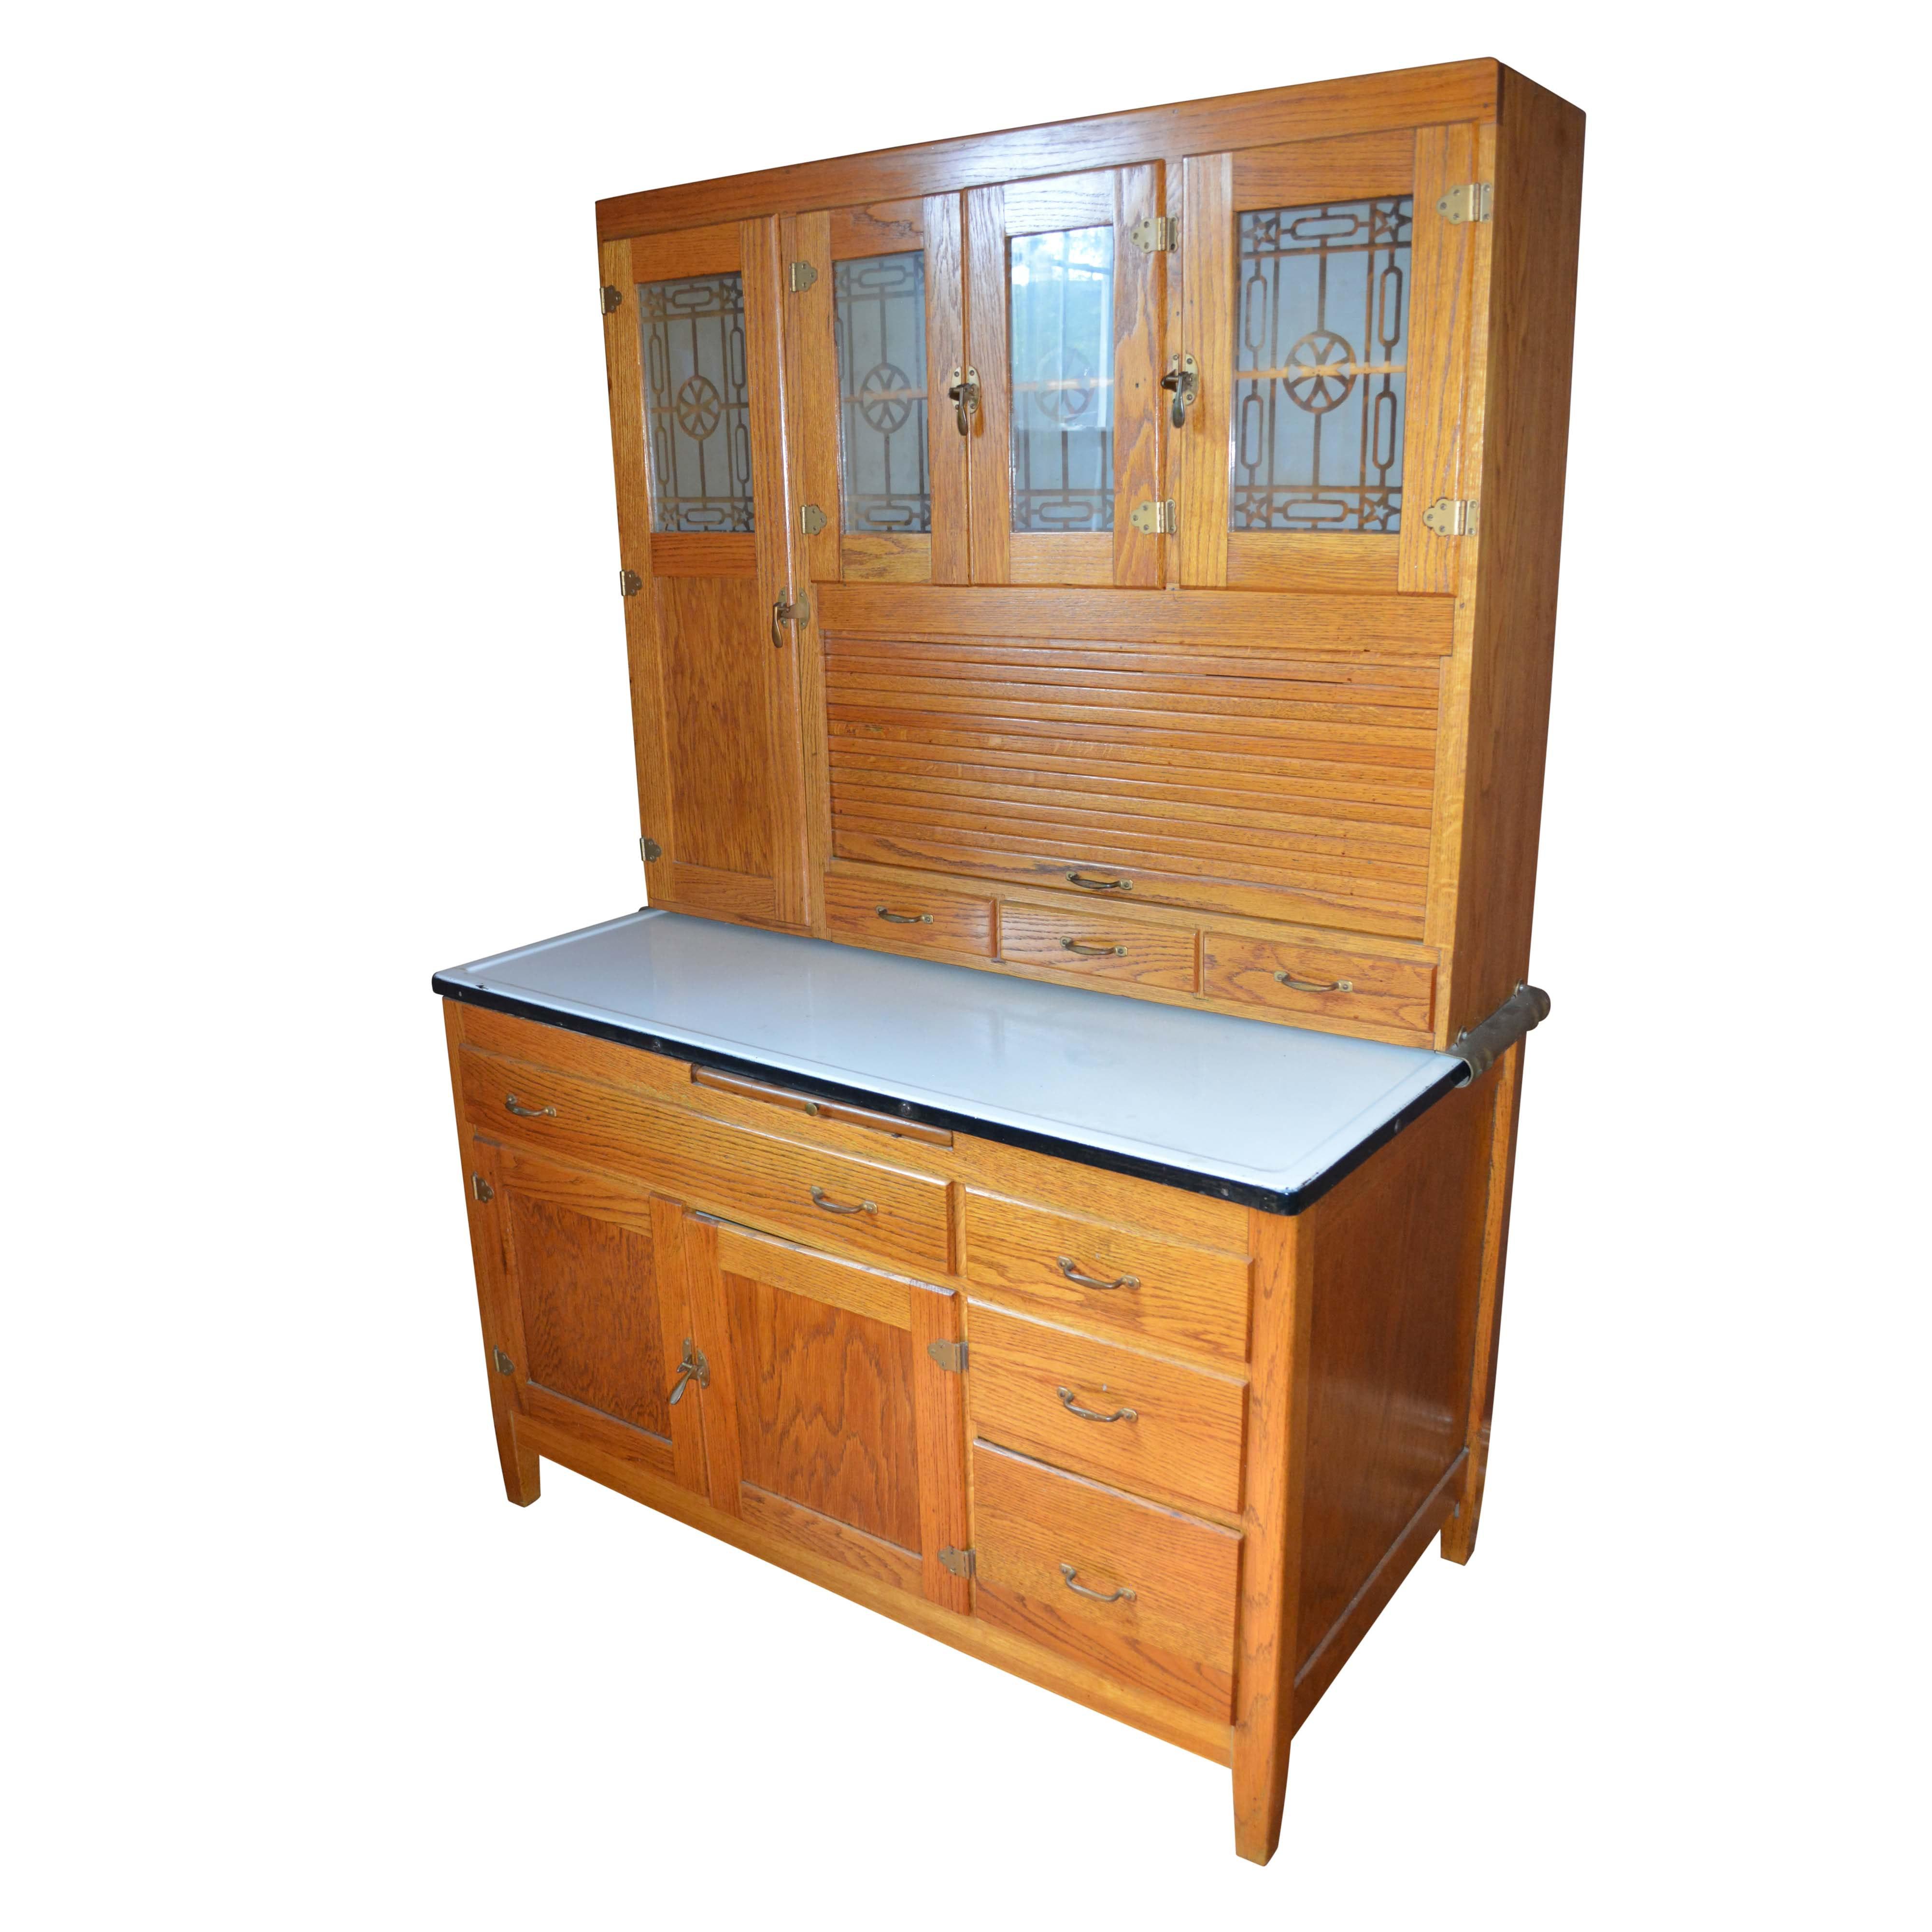 Vintage Two-Piece Oak Hoosier Cabinet